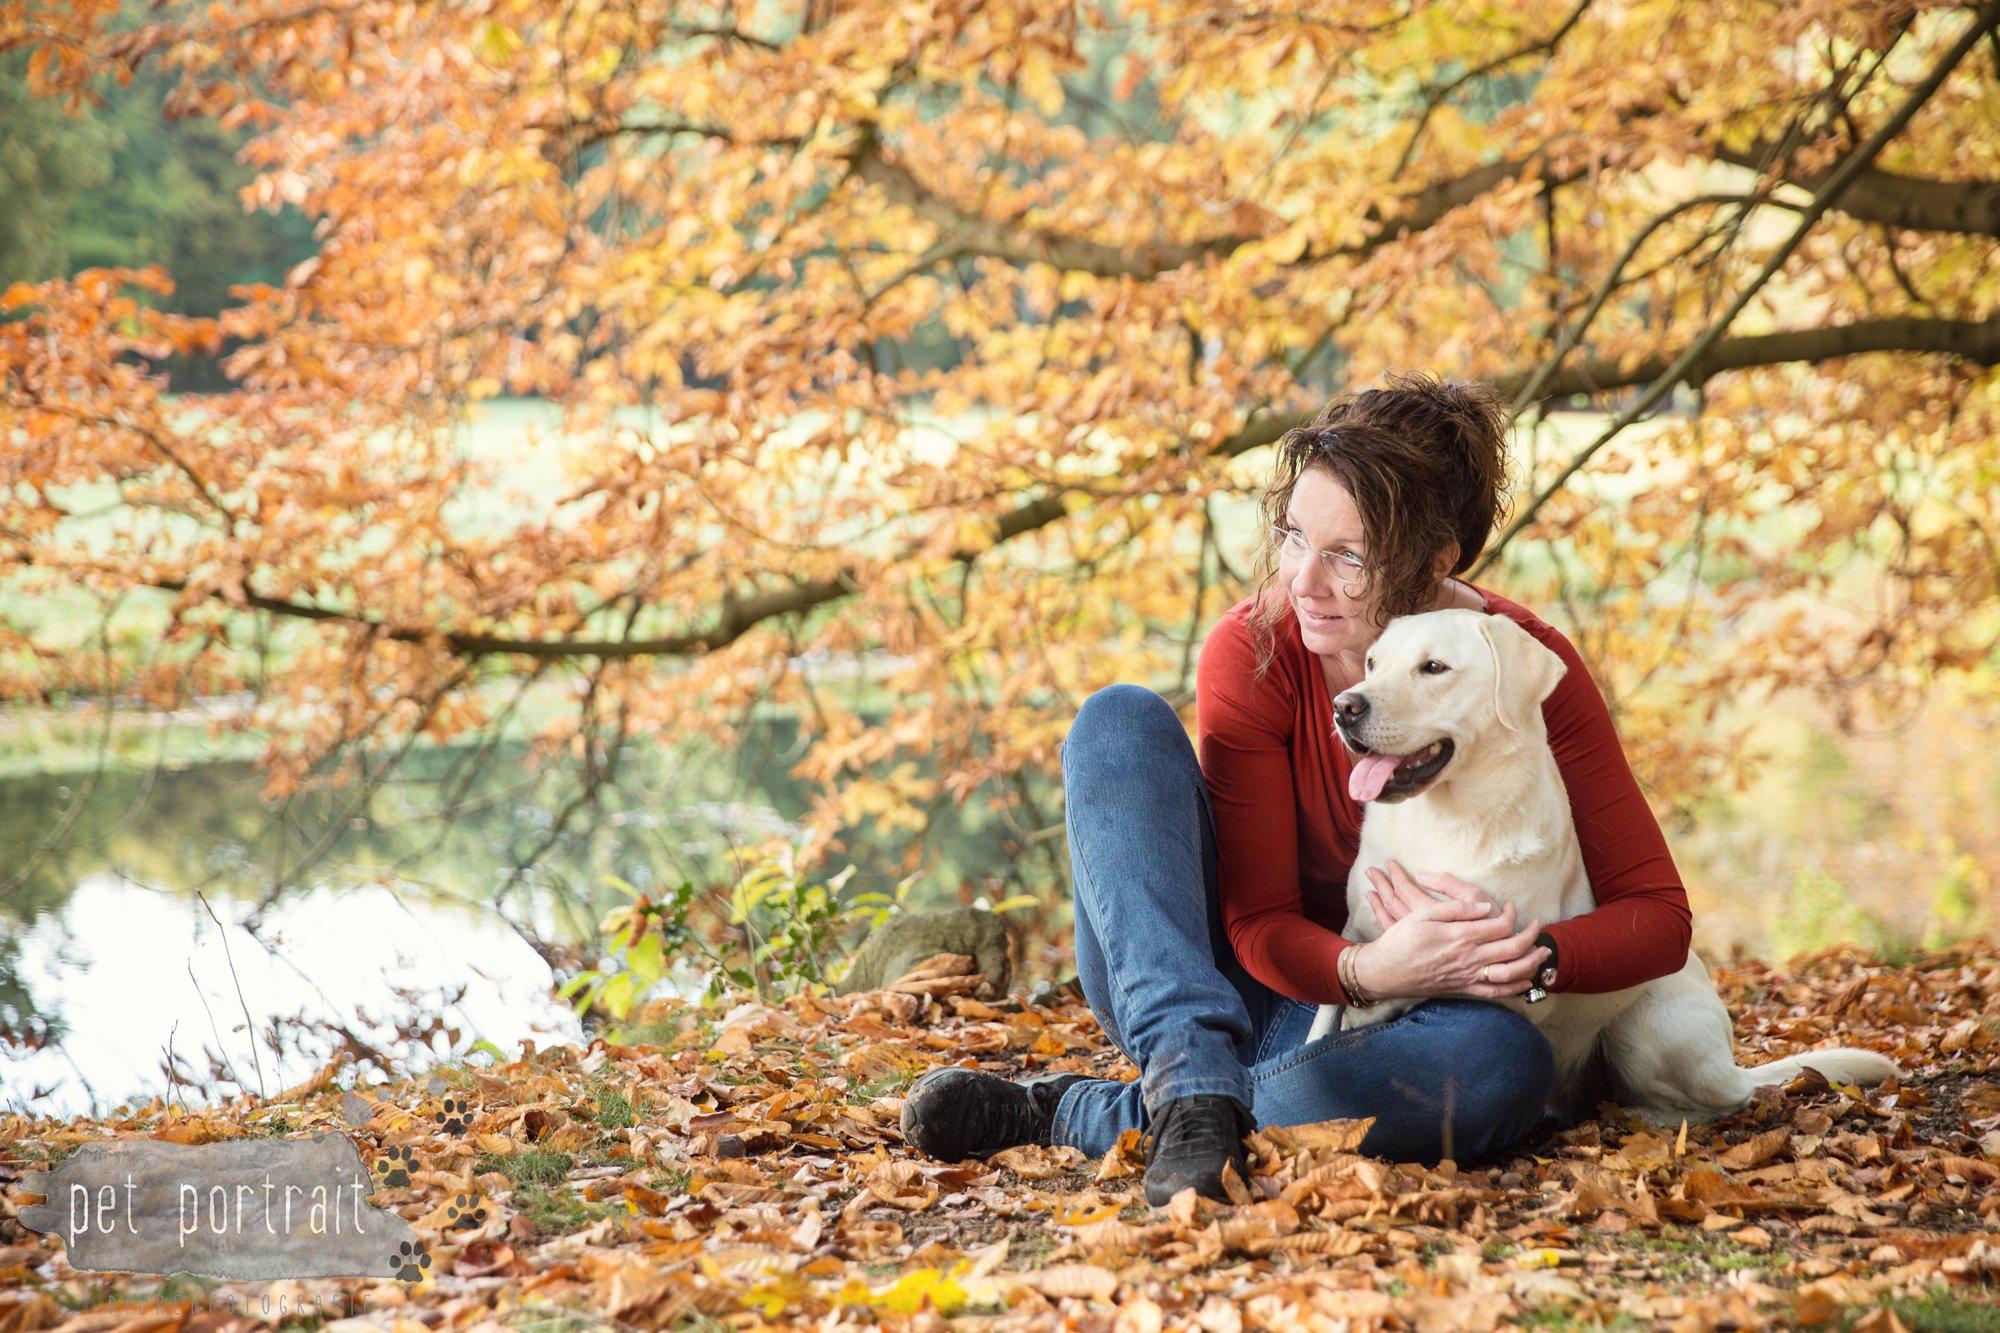 hondenfotograaf-s-graveland-beloved-dier-en-baasje-fotoshoot-labrador-juul-9